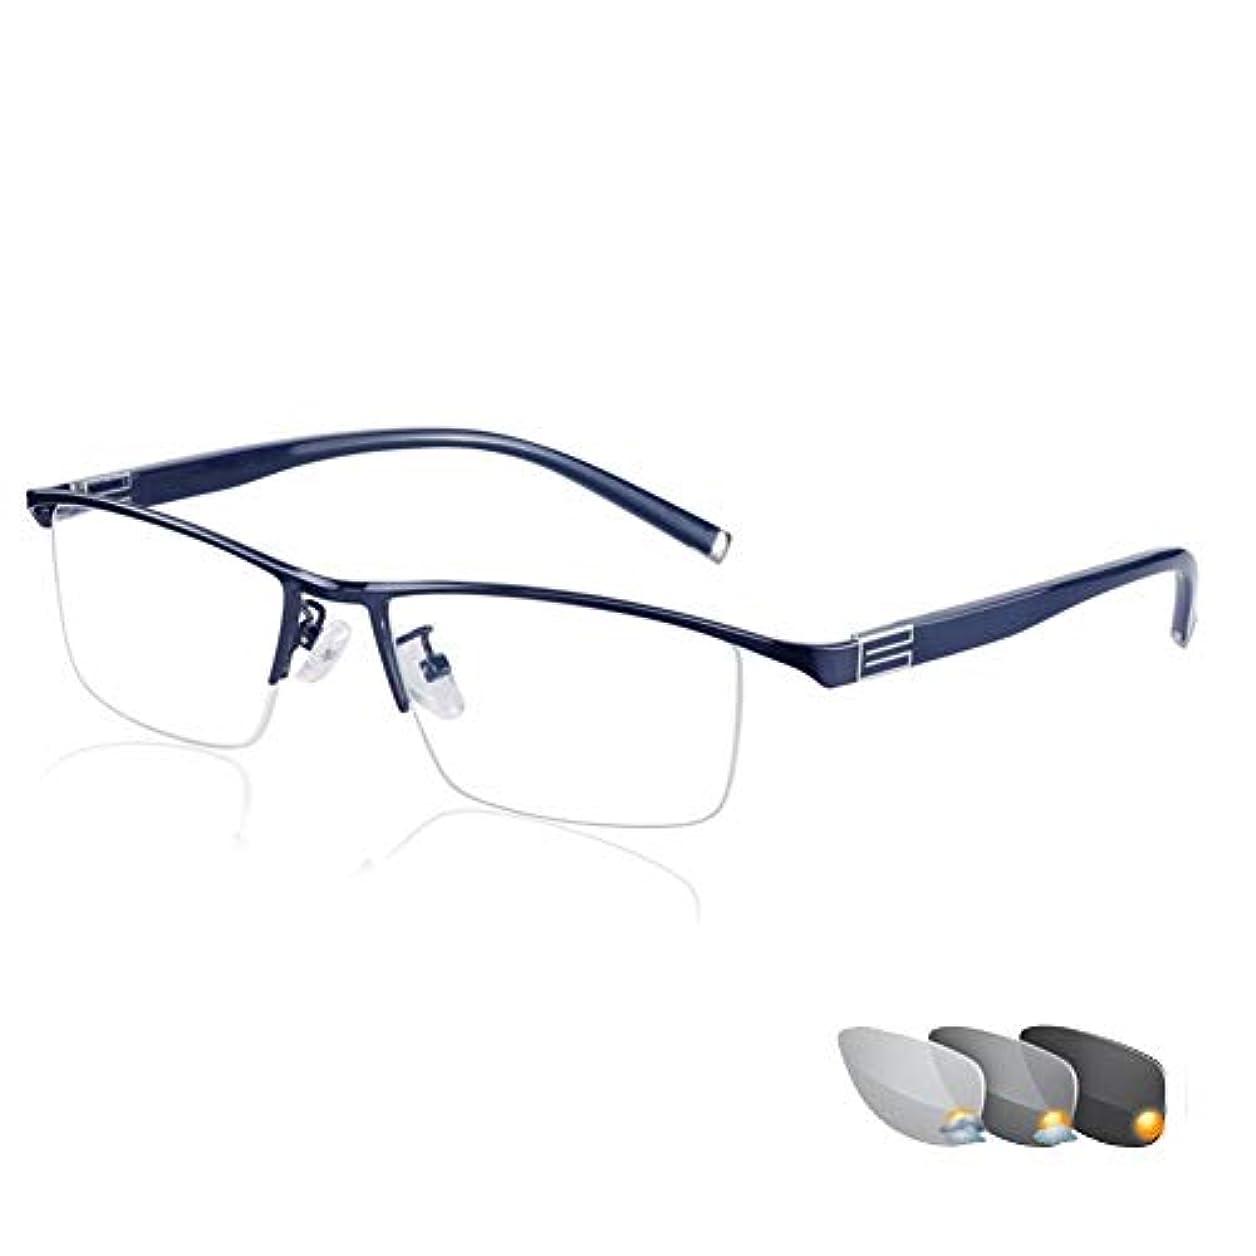 インテリジェントフォトクロミック老眼鏡、多焦点度数累進メガネ付き調節可能ビジョン、軽量および薄型非球面レンズ、スタイリッシュなビジネスの快適性